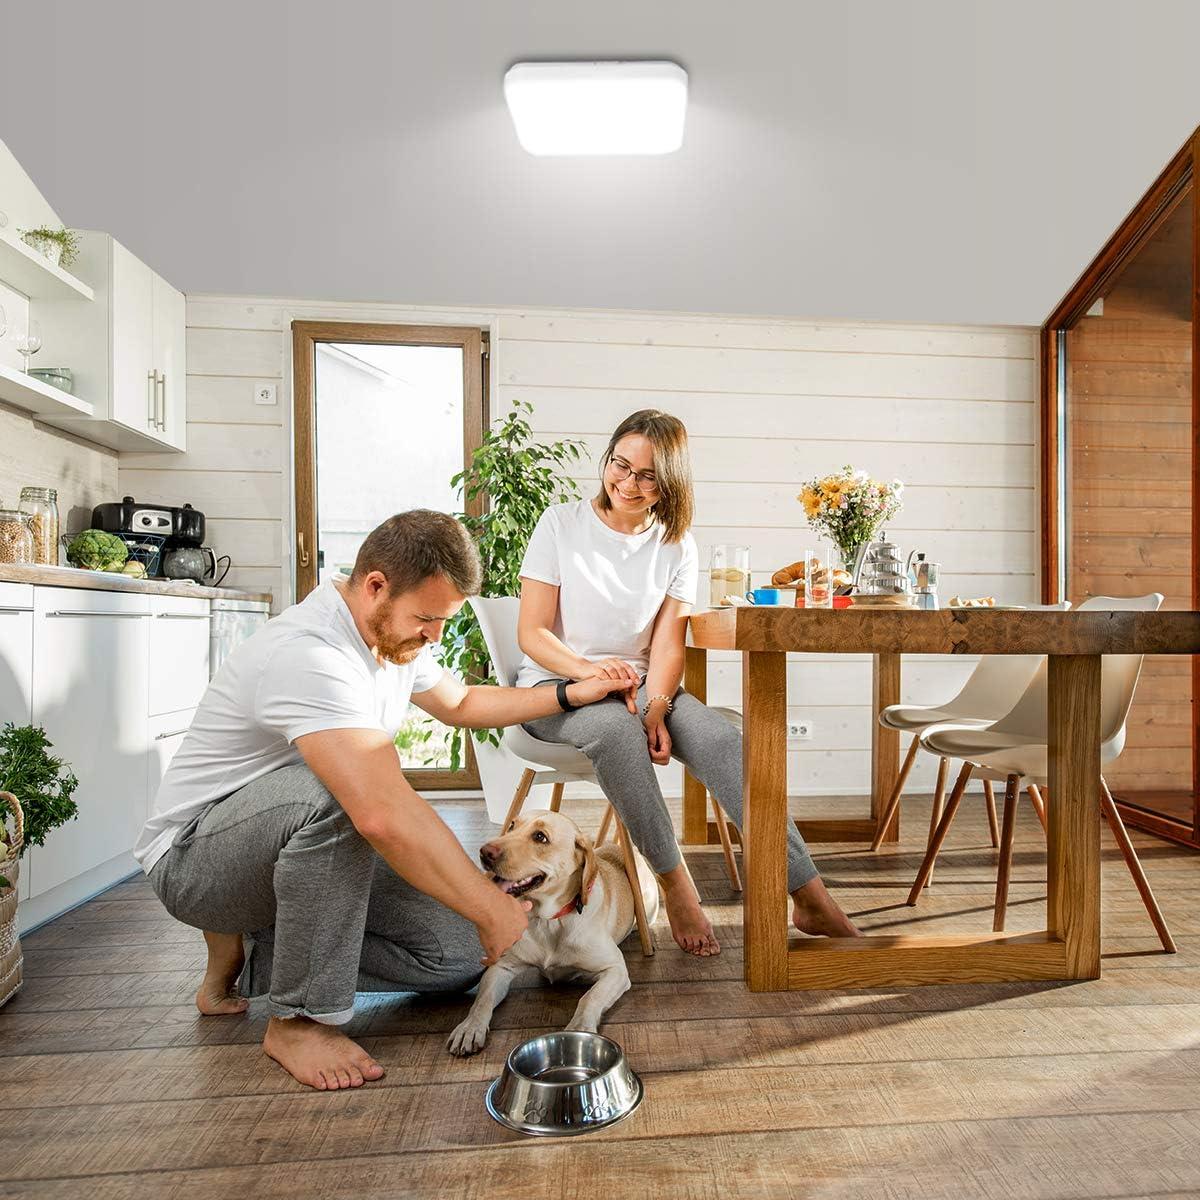 Kaltwei/ß Licht Badezimmerlampe IP20 Badlampe 1600LM /Ø30cm Lampe Ideal f/ür Badezimmer Balkon Flur K/üche Wohnzimmer Schlafzimmer Leuchte Badleuchte LE 22W Deckenlampe 5000K LED Deckenleuchte